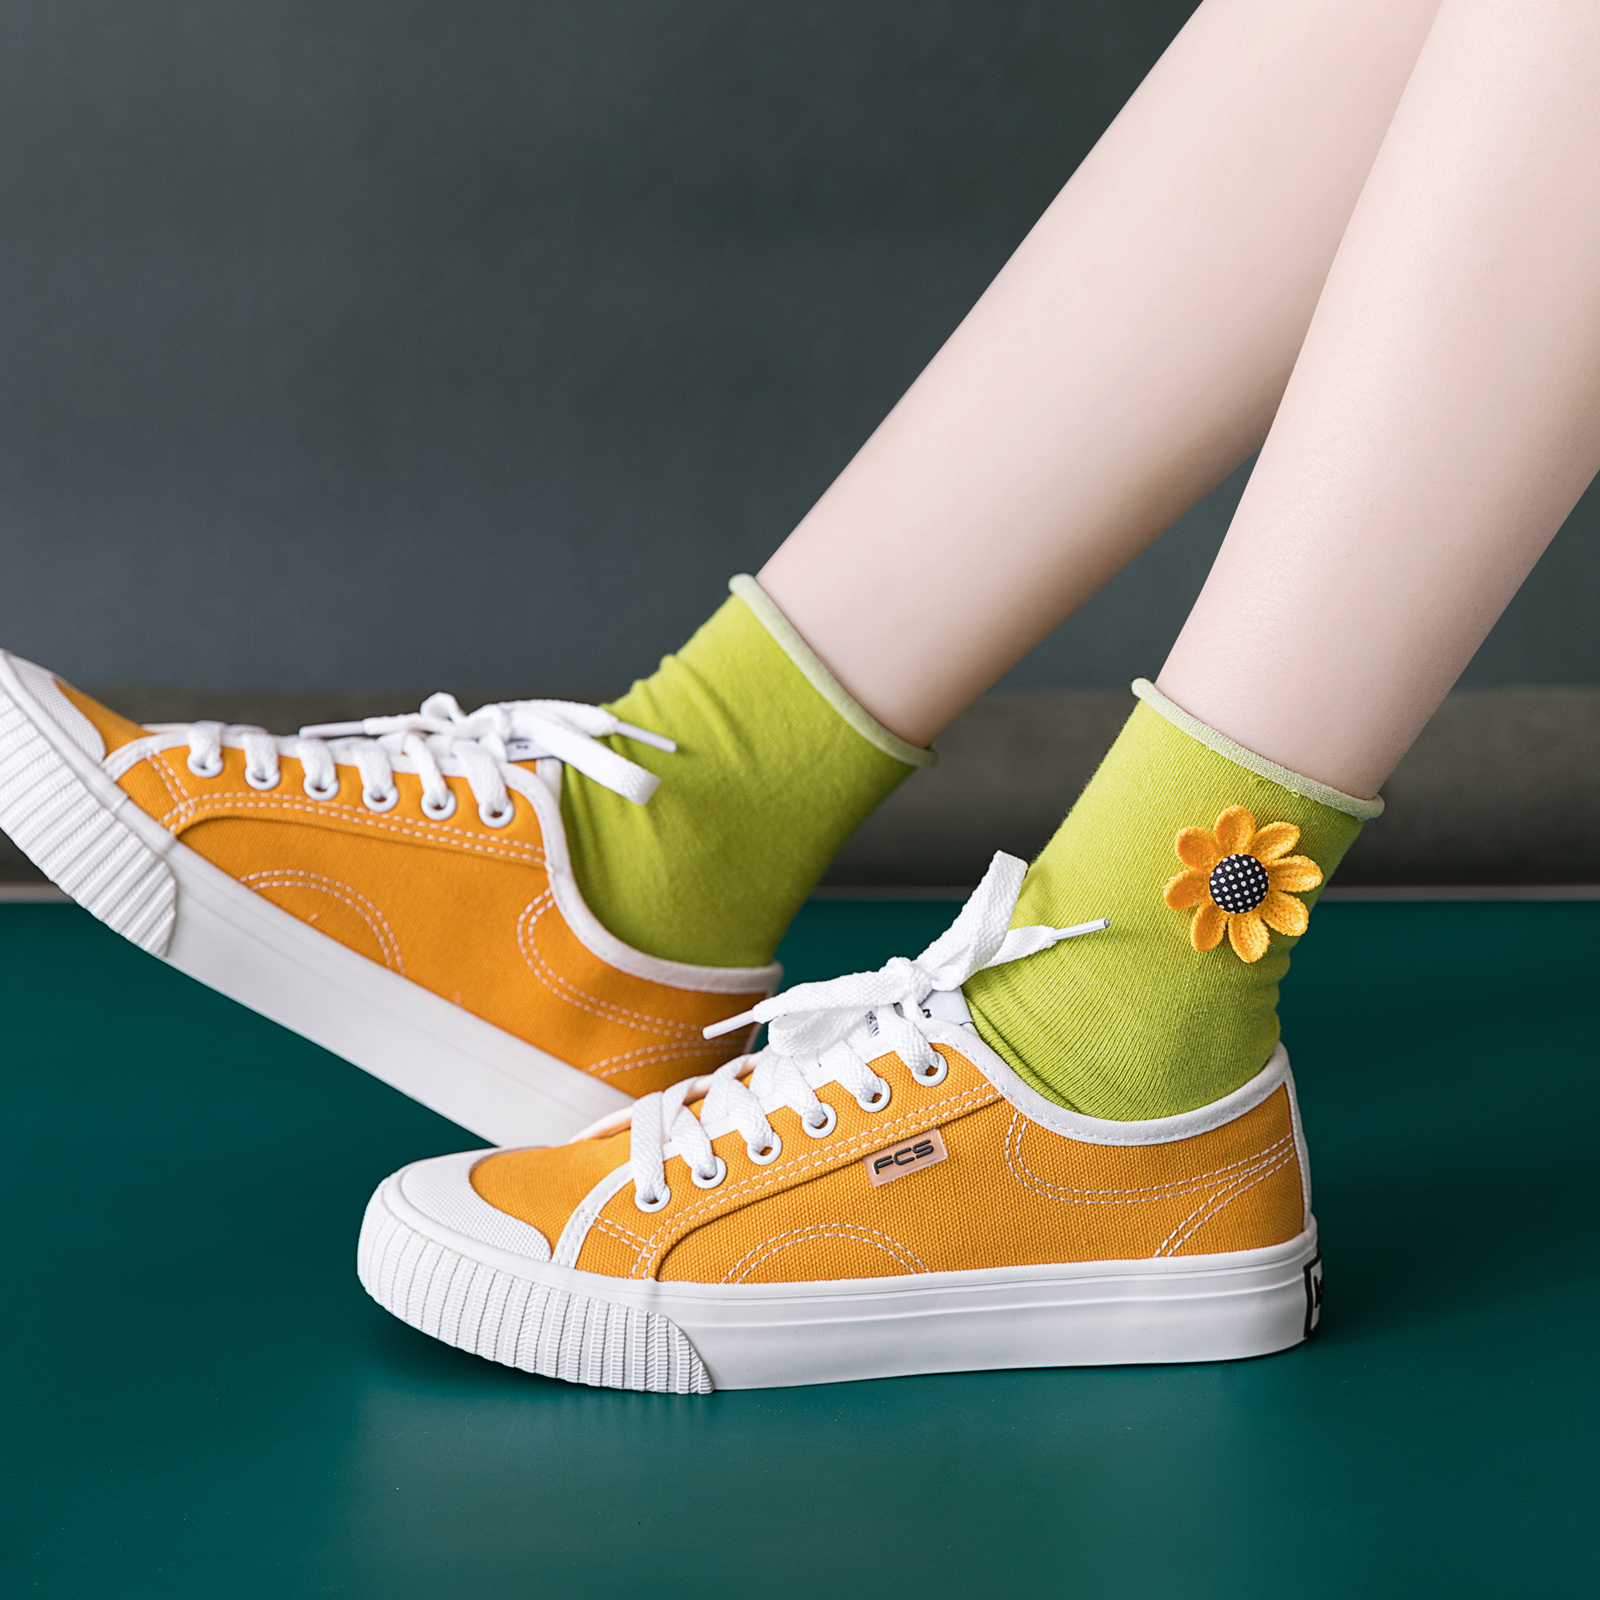 小花朵泫雅风女袜子薄款ins潮可爱韩版中筒袜彩色糖果色中长款袜